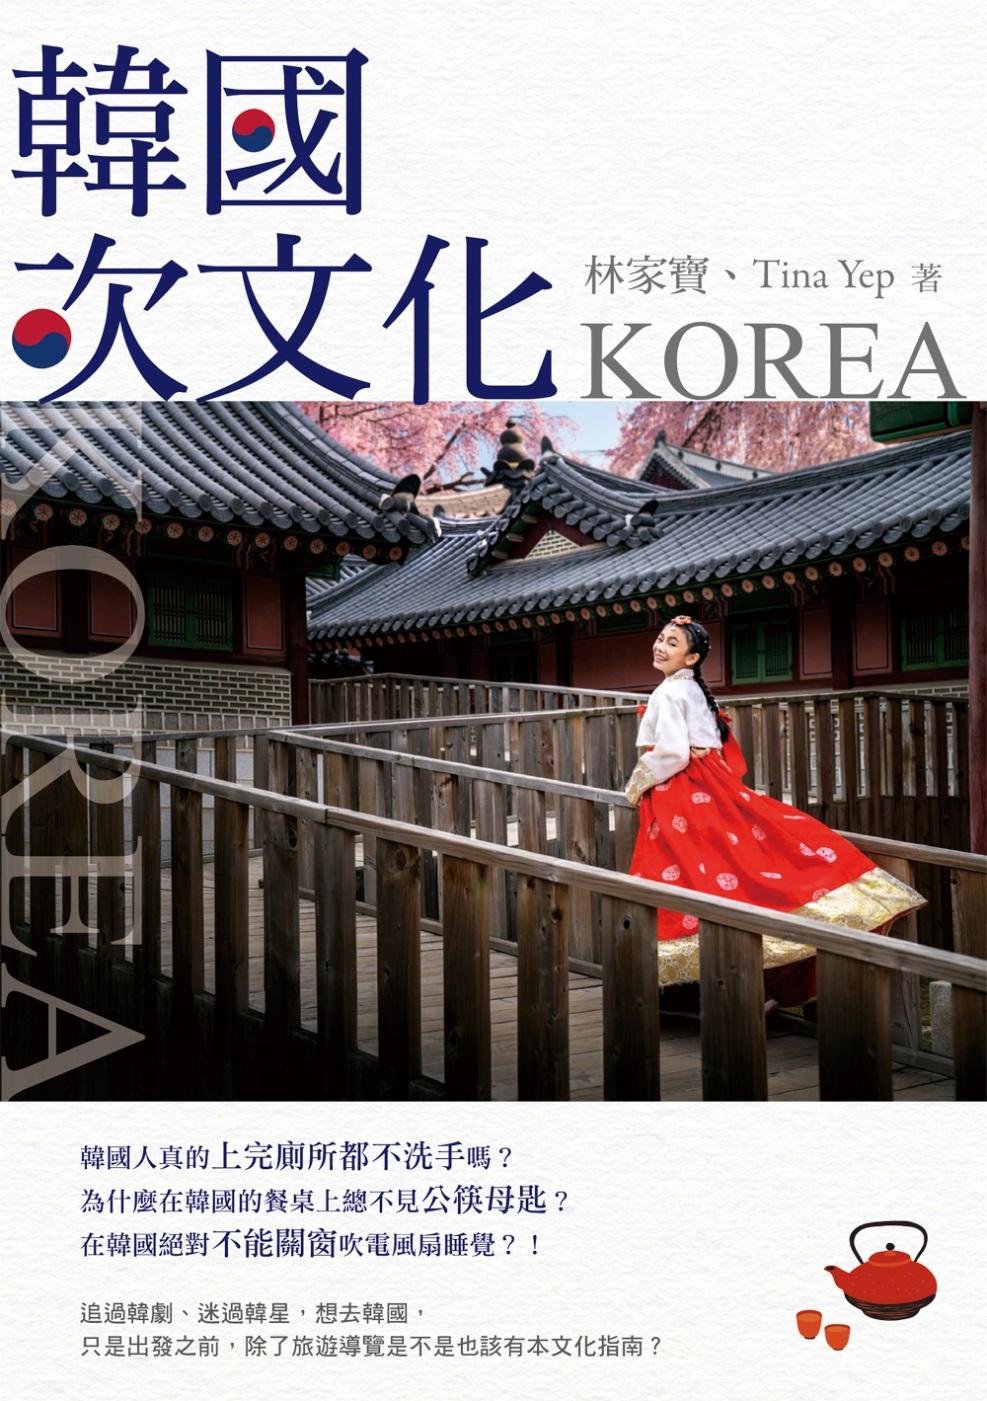 韓國次文化